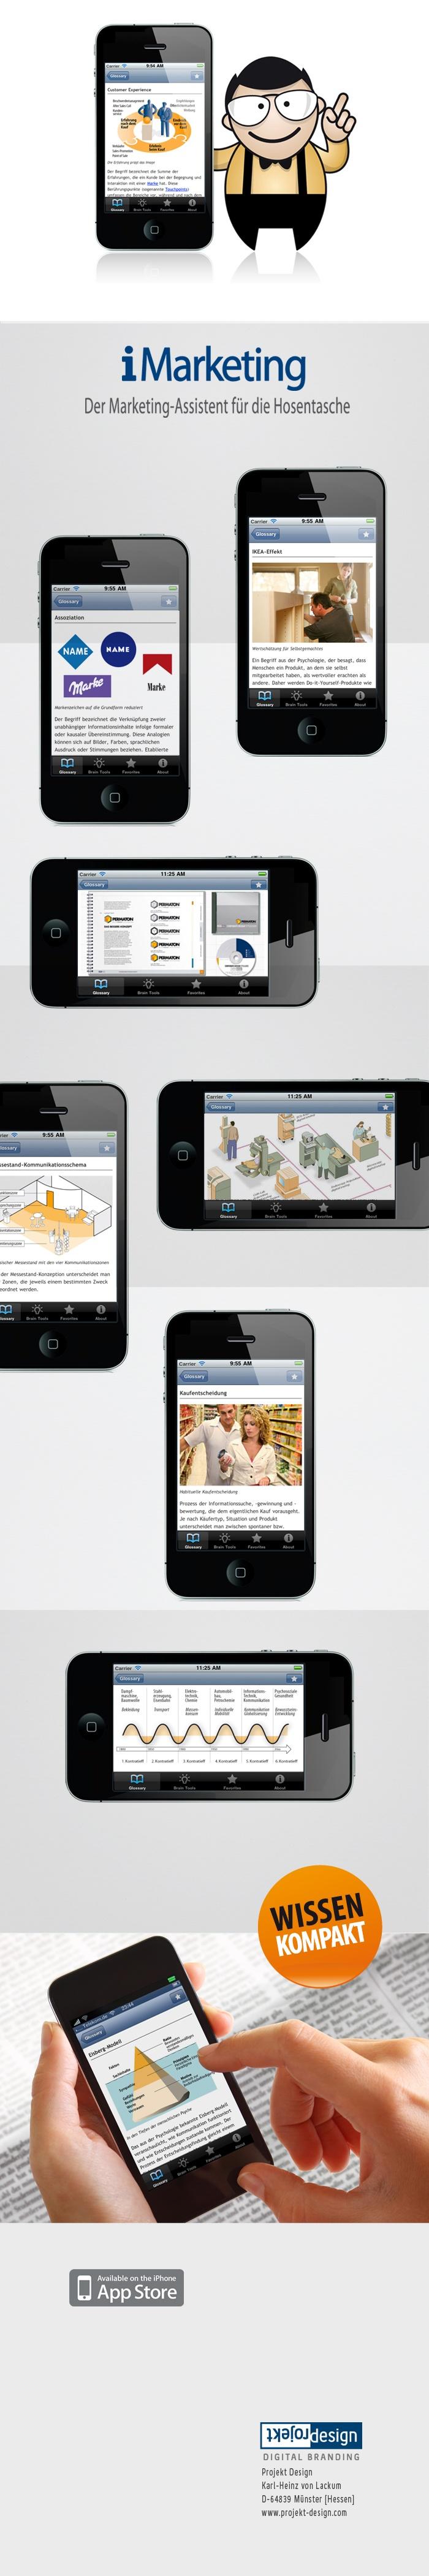 """#iPhone-App """"iMarketing"""" – der Marketing-Assistent für die Hosentasche. Was genau ist """"Built in Obsolescence"""" oder """"Pecha Kucha""""? Und was besagen das """"Aal-Prinzip"""" oder der """"IKEA-Effekt?""""  Hier werden neue und klassische Begriffe und Methoden schnell und einfach erläutert. Erhältlich in Apple Appstore. By Projekt Design Karl-Heinz von Lackum."""